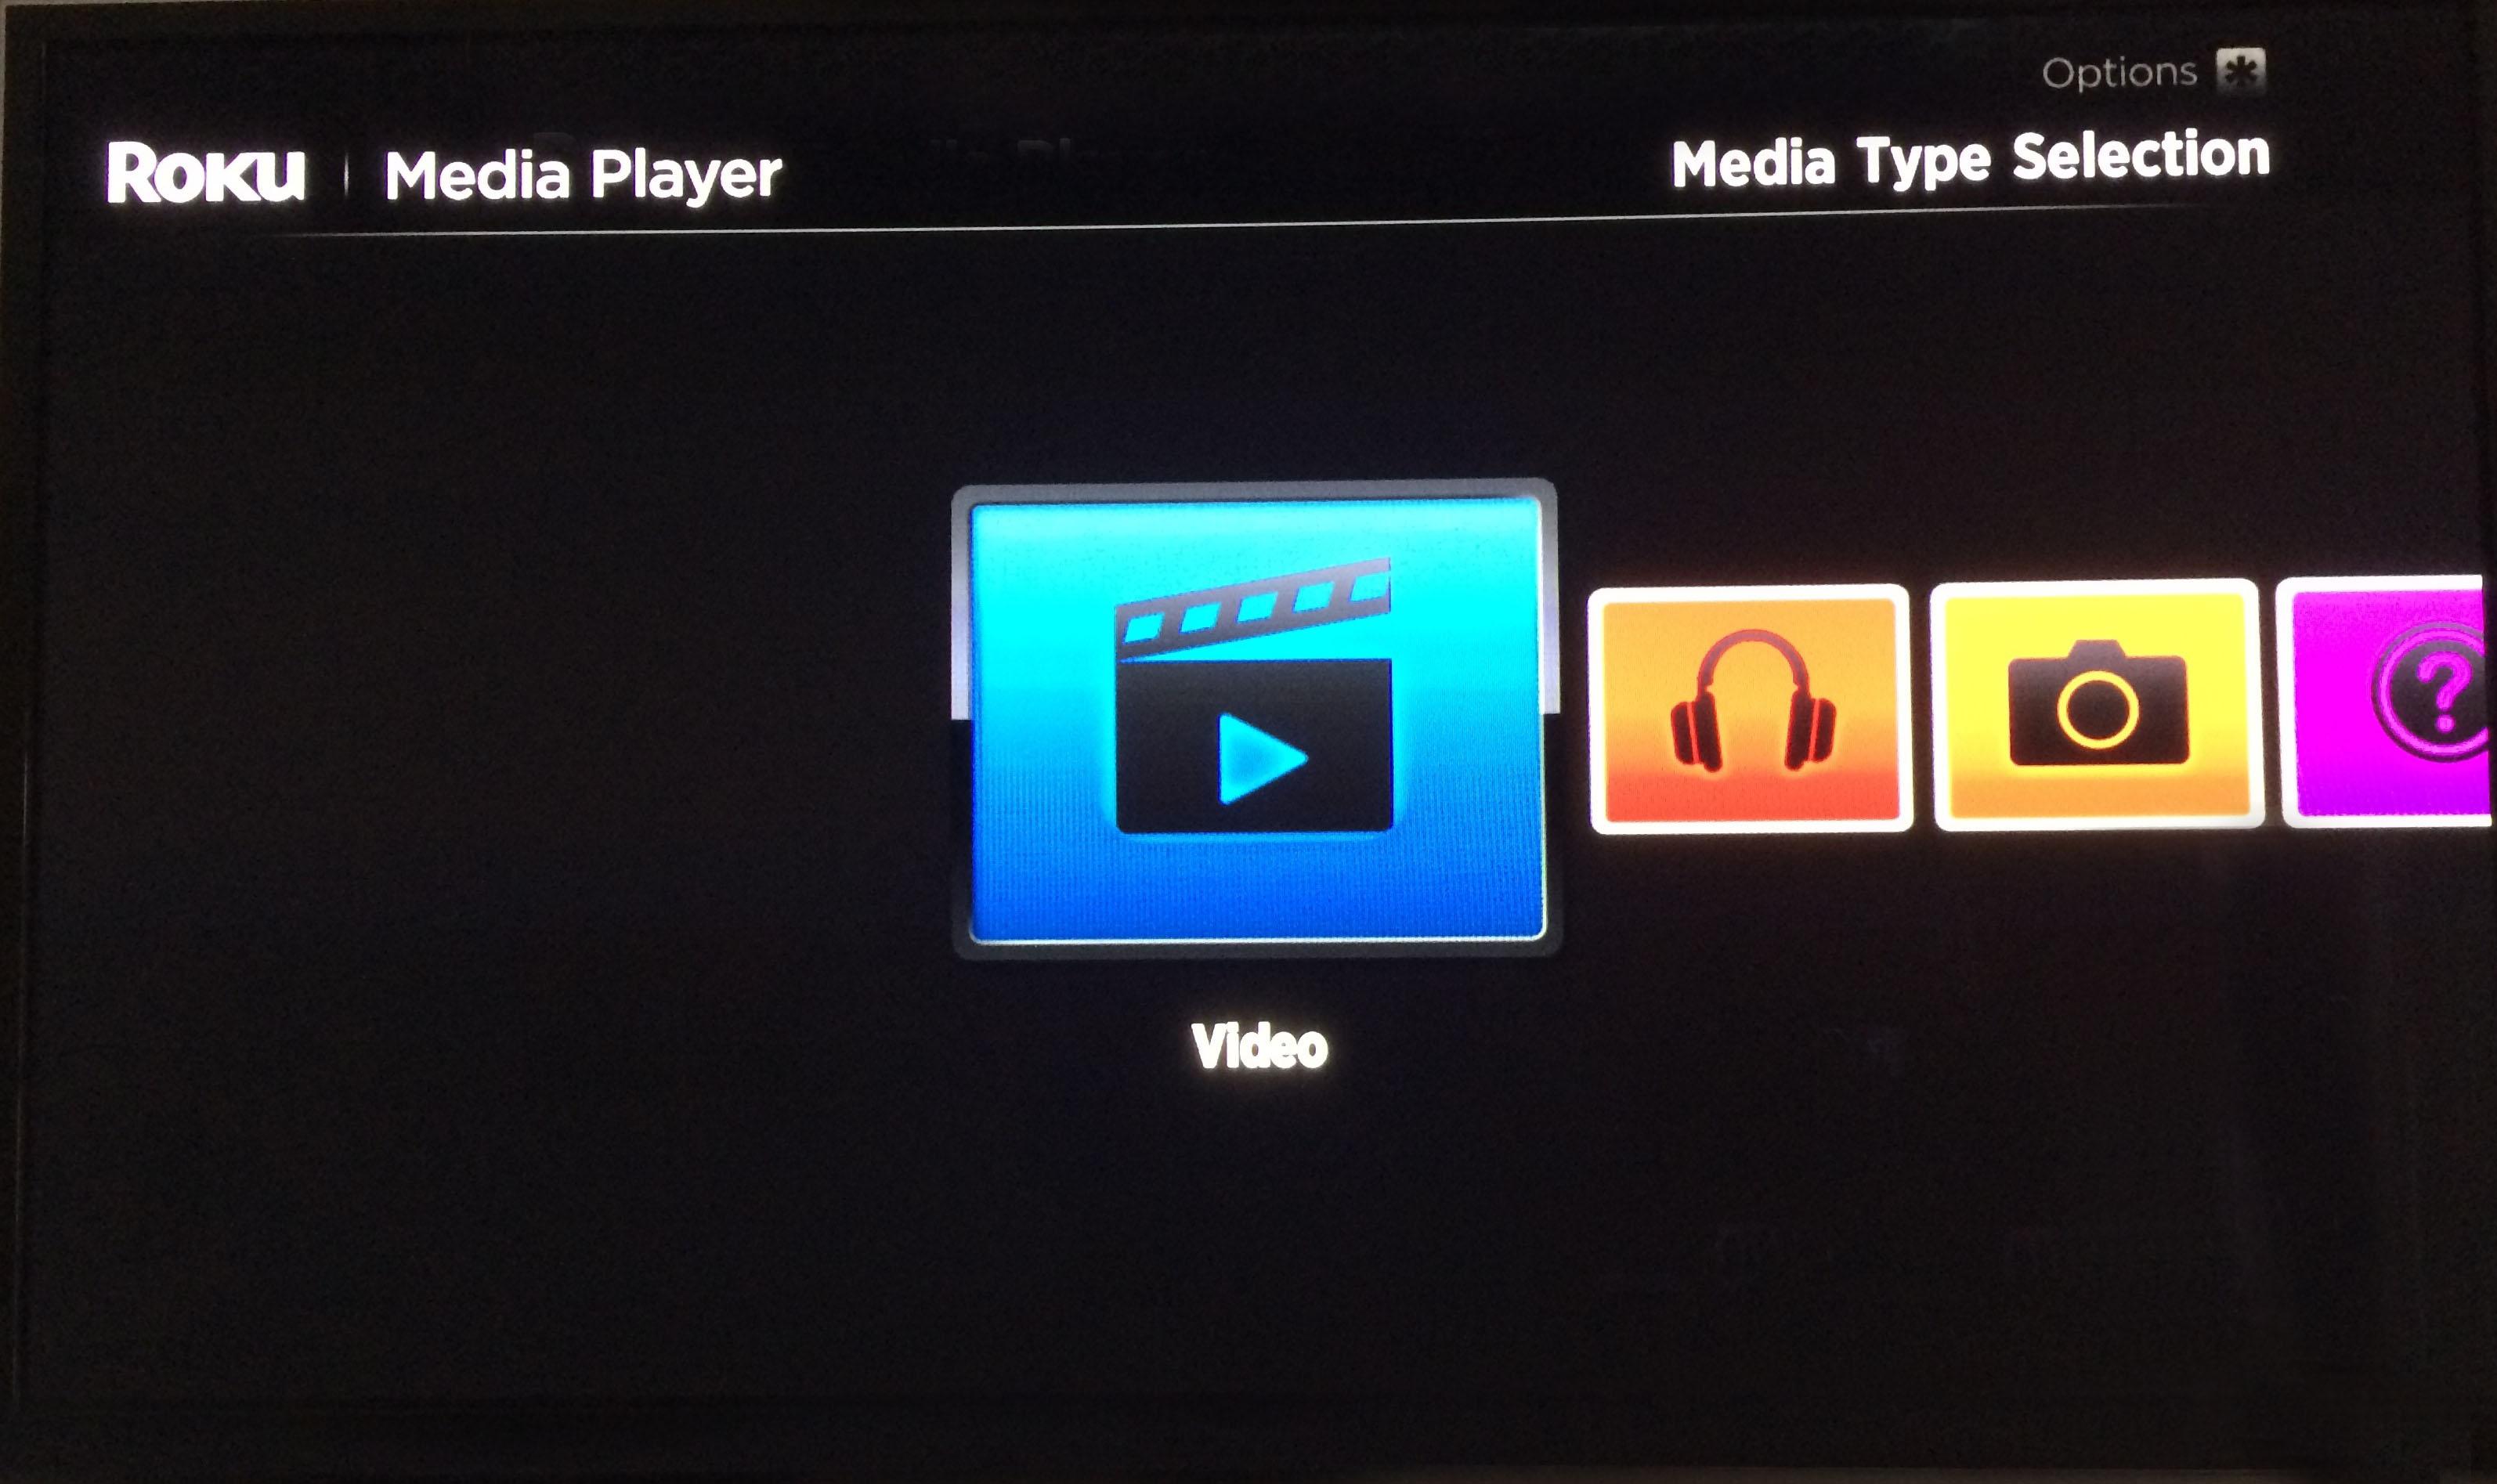 Roku Media Player Formats